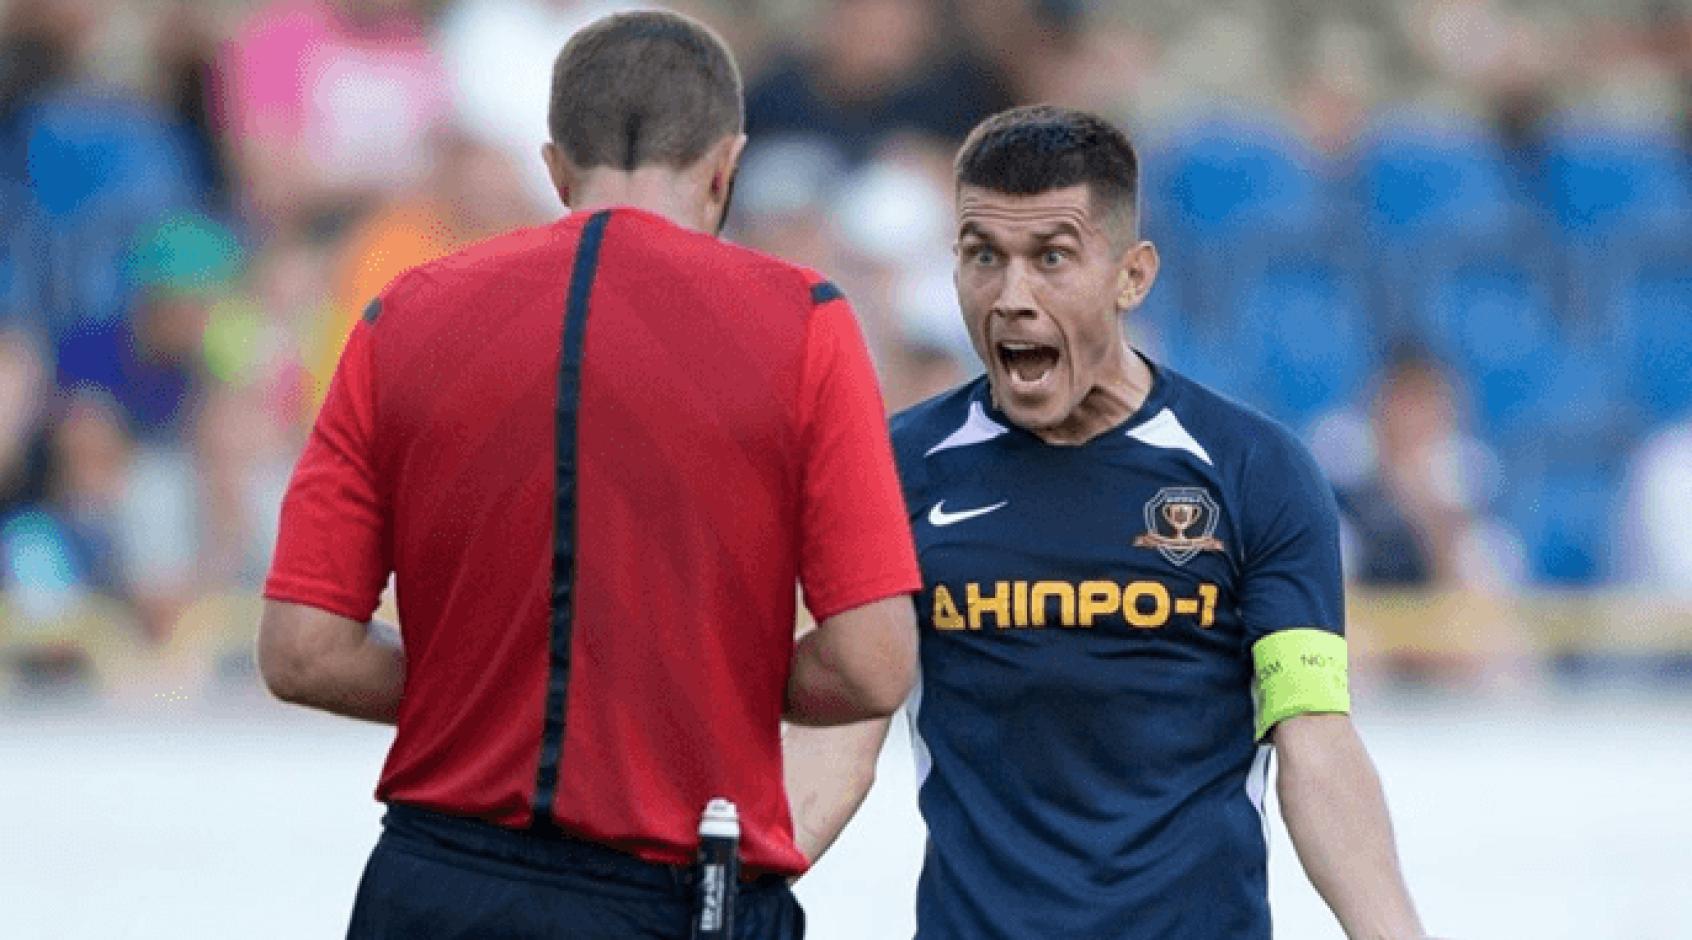 Офіційно: КДК УАФ дискваліфікував Сергія Кравченка на два матчі